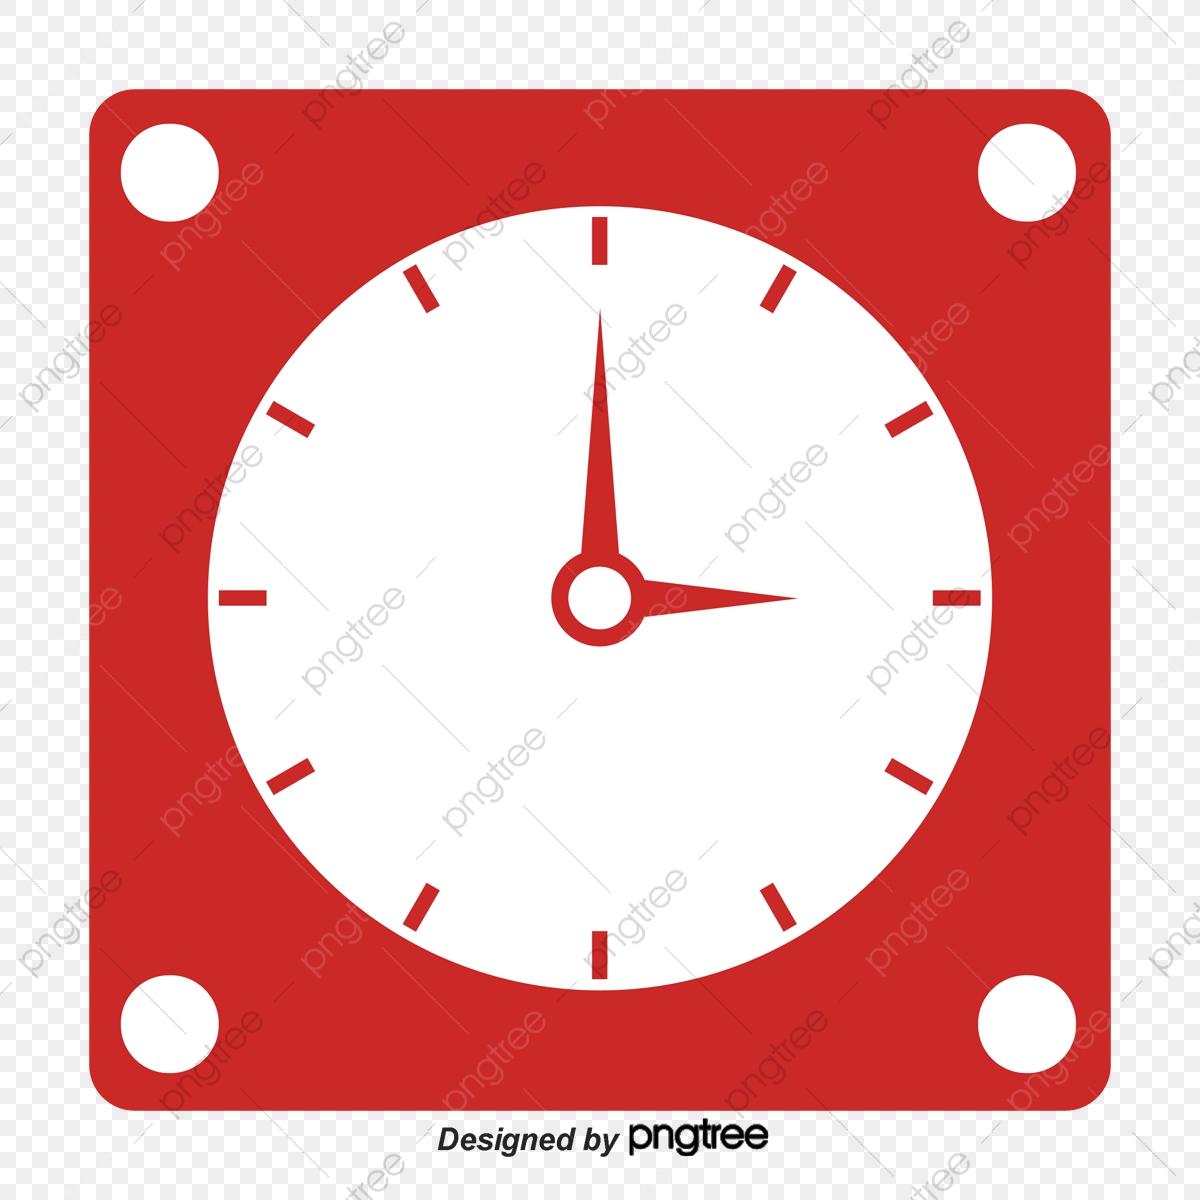 Carré De Dessin D'horloge, Le Dessin De L'horloge, Le Temps concernant Dessin D Horloge